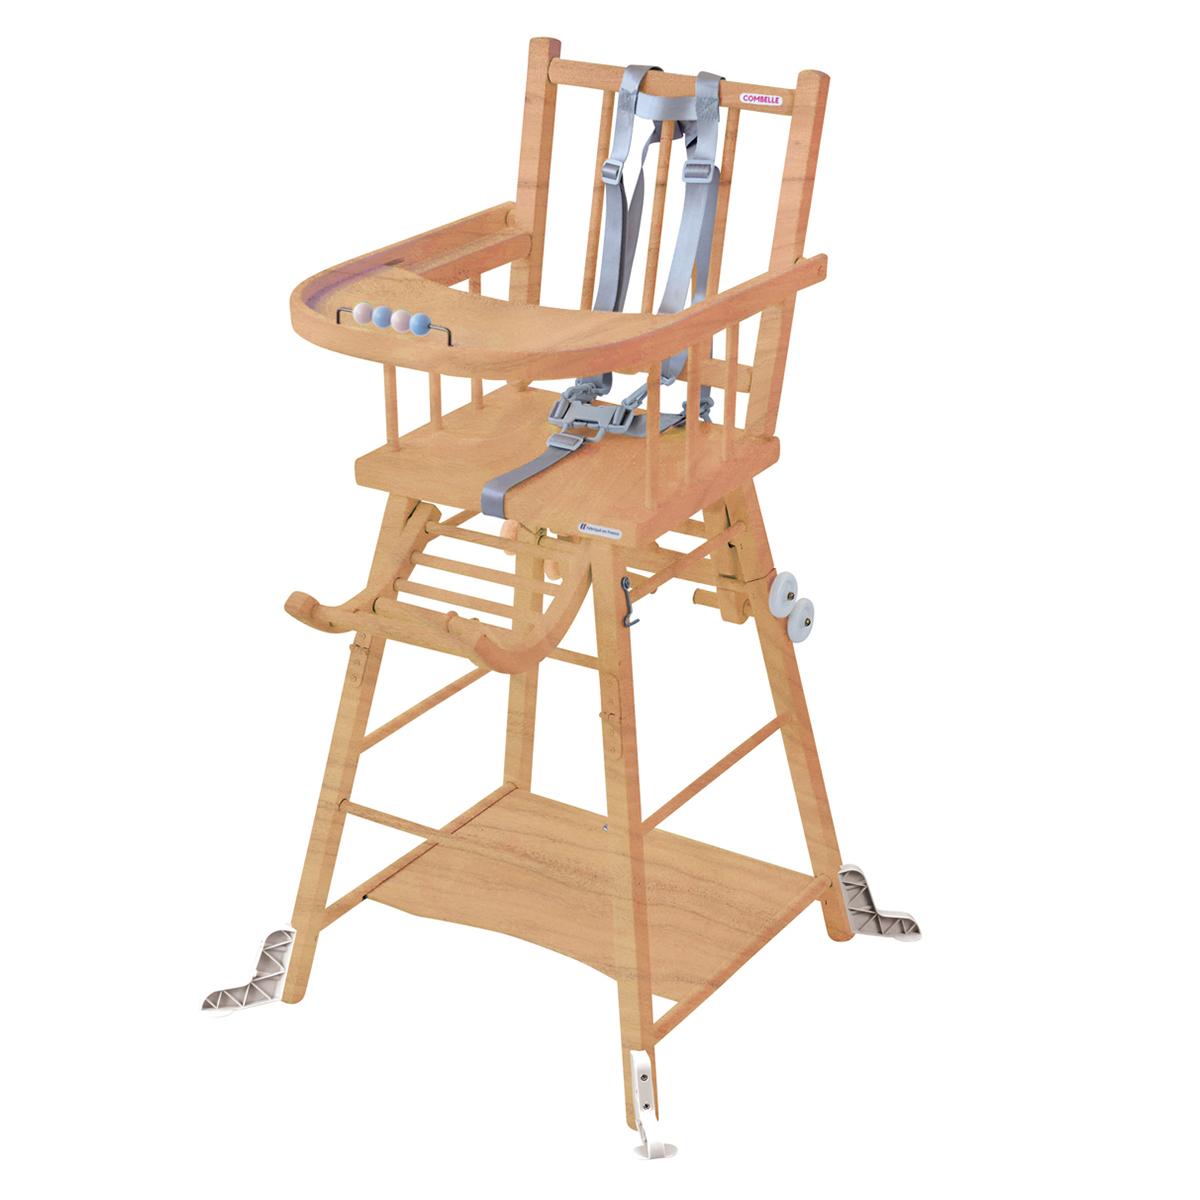 Chaise haute Chaise Haute à Barreaux Transformable Marcel - Naturel Chaise Haute à Barreaux Transformable Marcel - Naturel